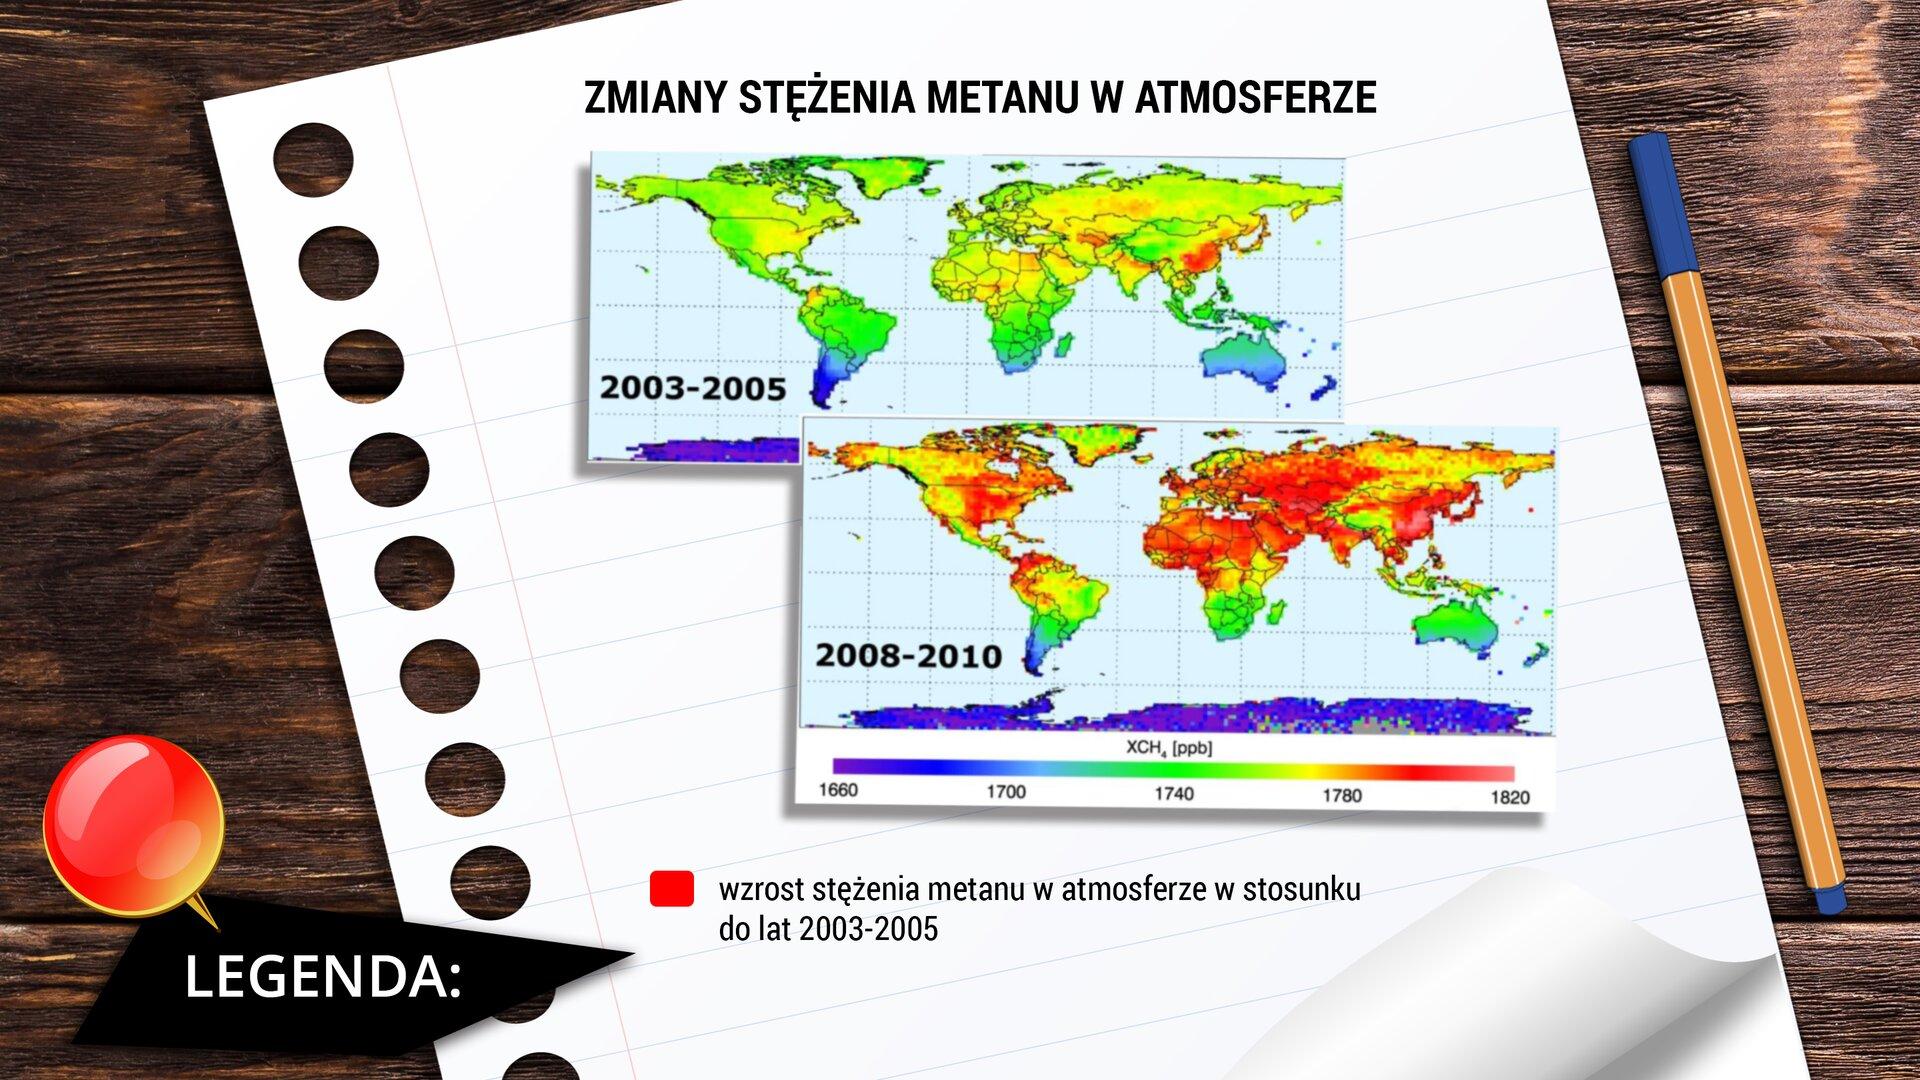 """Ilustracja przedstawia kartkę papieru leżącą na drewnianym biurku. Po prawej leży również cienkopis. Na kartce widać nagłówek: """"Zmiany stężenia metanu watmosferze"""". Poniżej znajdują się dwie mapy świata. Pierwsza pokazuje stężenie metanu watmosferze na świecie wlatach 2003-2005, adruga stężenie metanu watmosferze na świecie wlatach 2008-2010. Chłodniejsze kolory (odcienie niebieskiego) oznaczają niską zawartość metanu, cieplejsze kolory (odcienie czerwonego) odznaczają wysoką zawartość metanu. Wmap wynika, że wprzeciągu pięciu lat nastąpił znaczny wzrost zawartości metanu."""